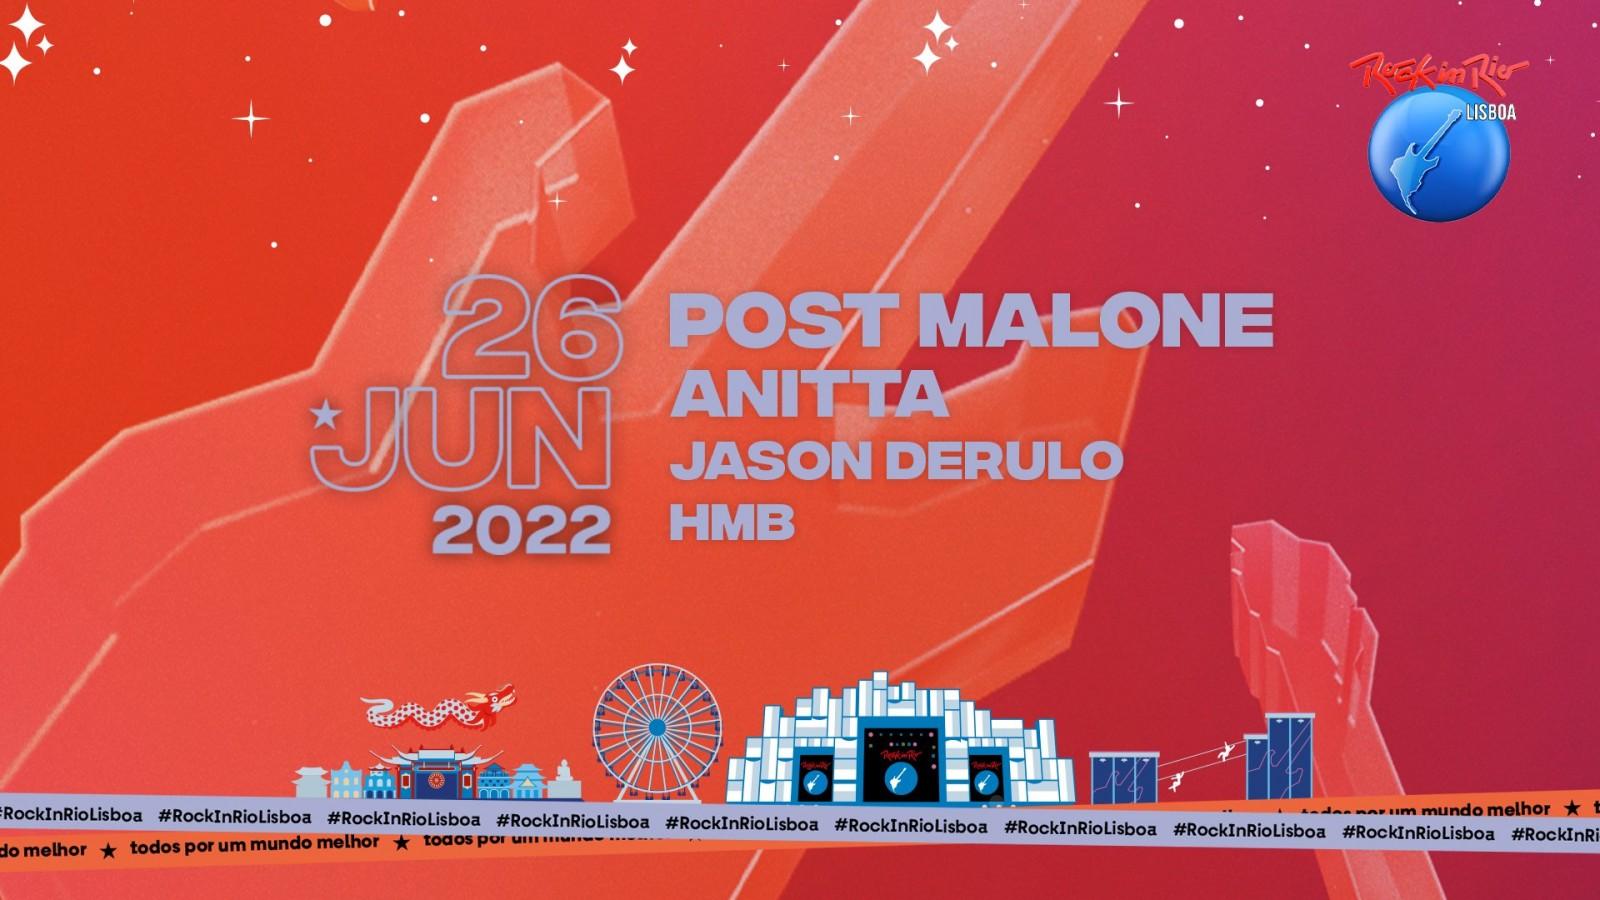 Post Malone, Anitta, Jason Derulo e HMB confirmados para 26 de Junho no Rock in Rio Lisboa 2022